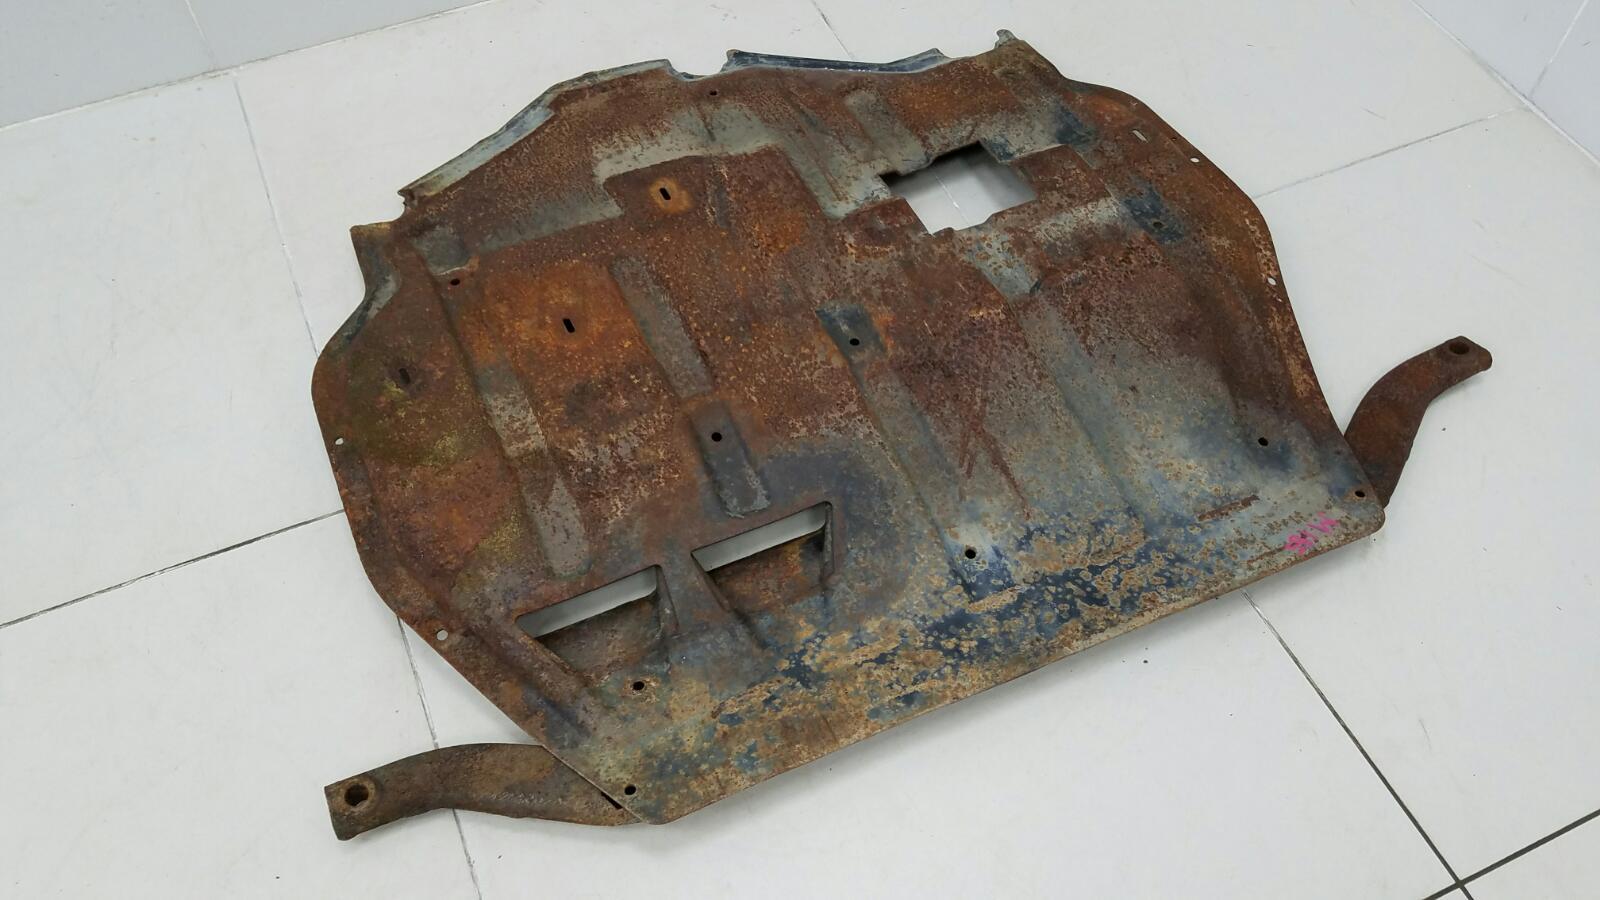 Защита двигателя железная Skoda Octavia 1U2 AKL 1.6Л 2003